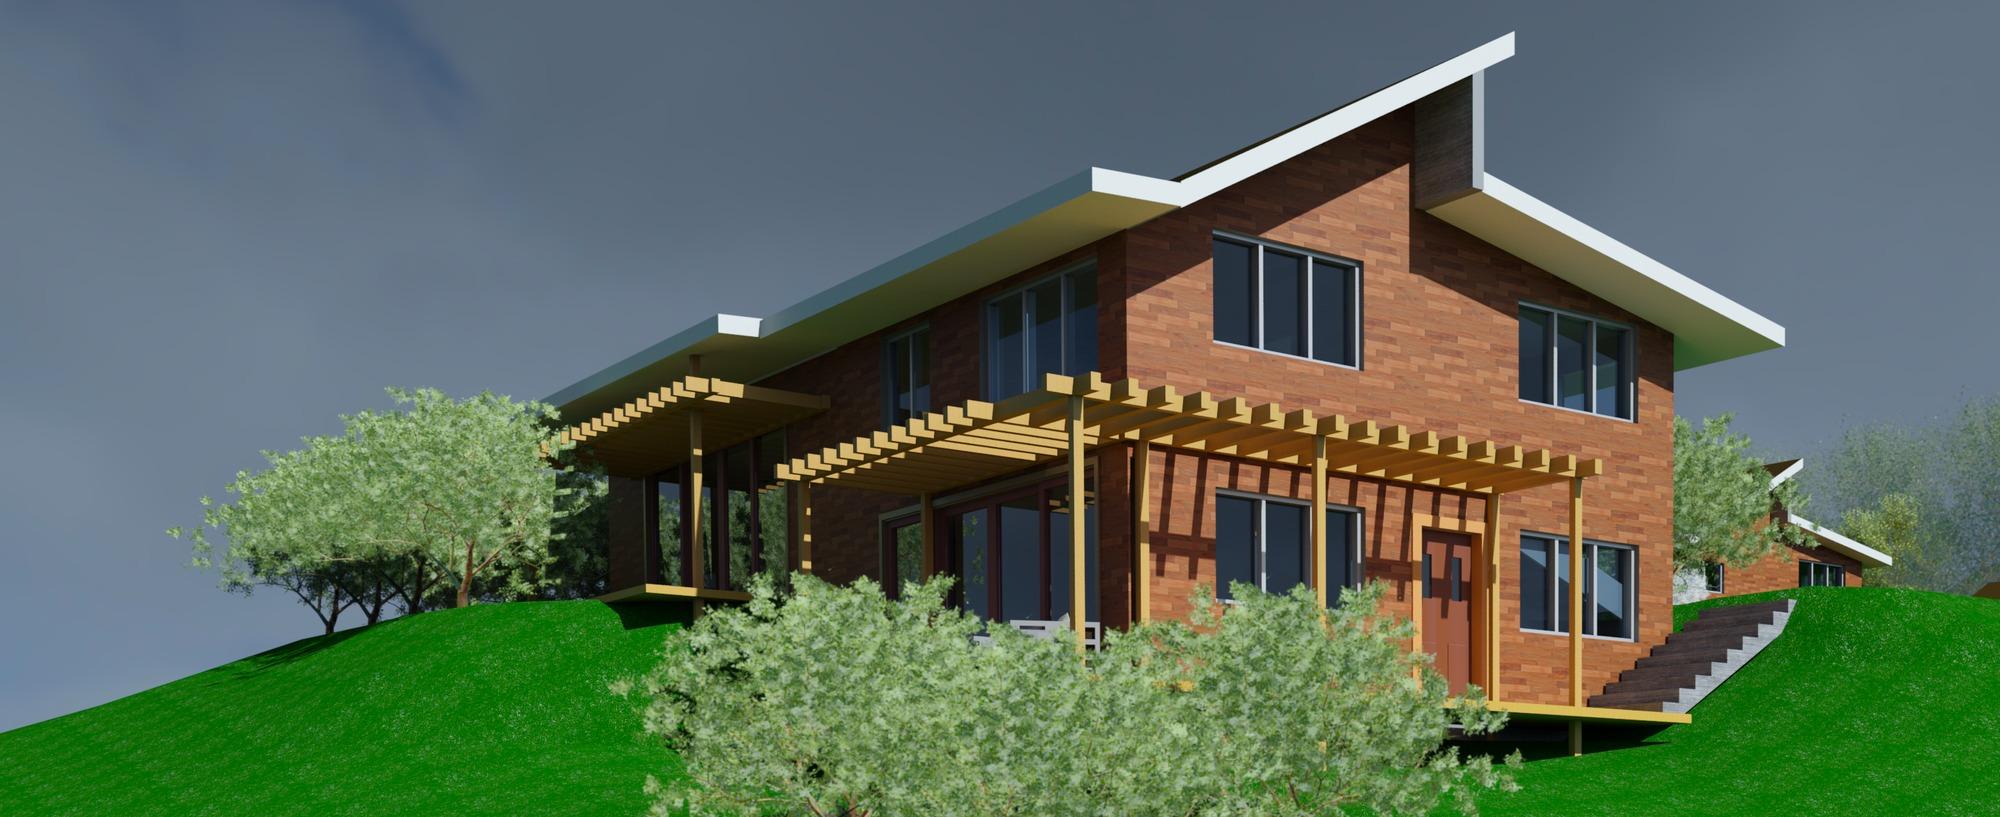 Raas-rendering20141026-4762-1bsev4f